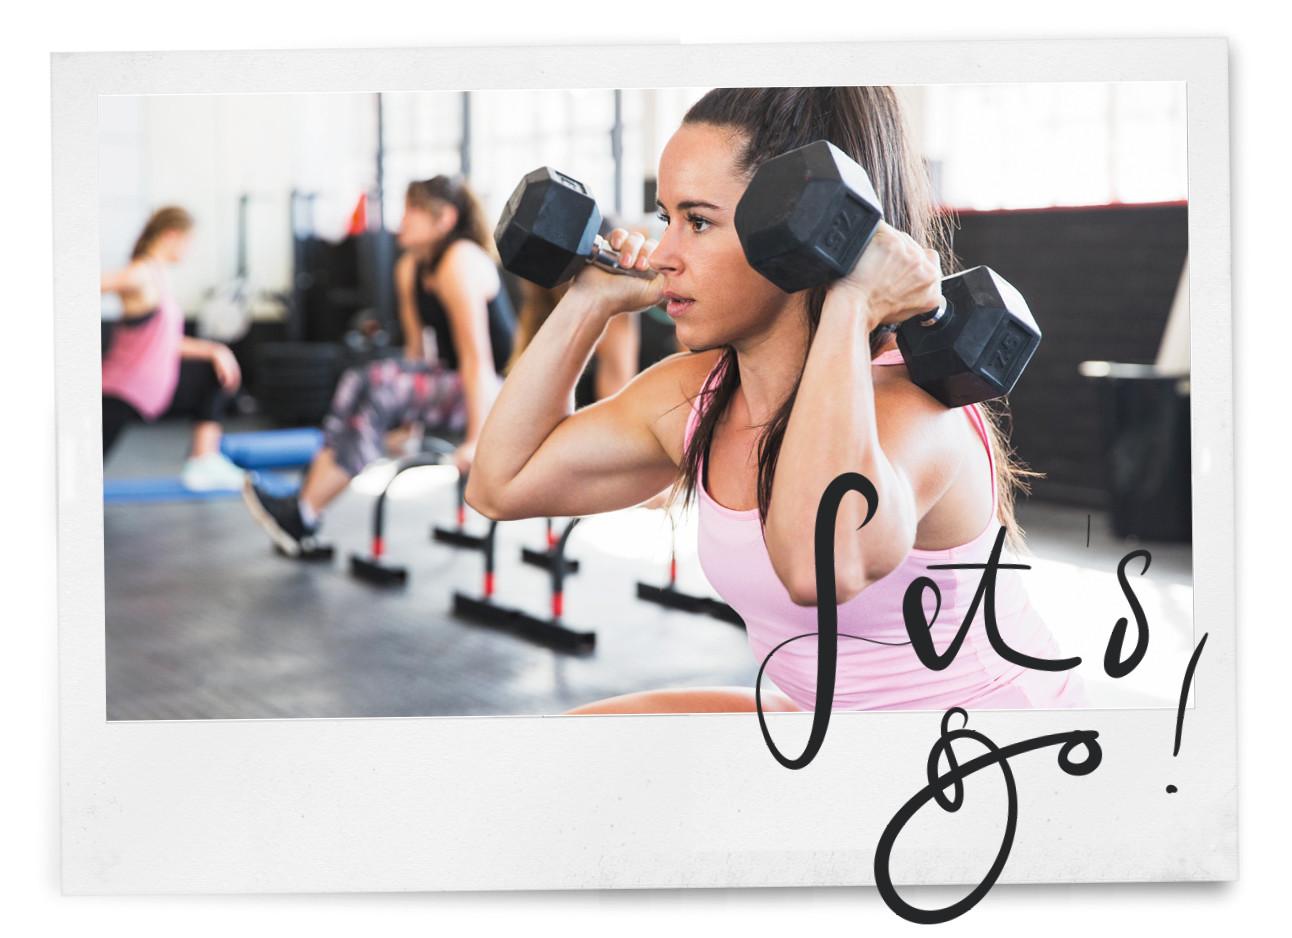 Vrouw in de sportschool met gewichten armen trainen